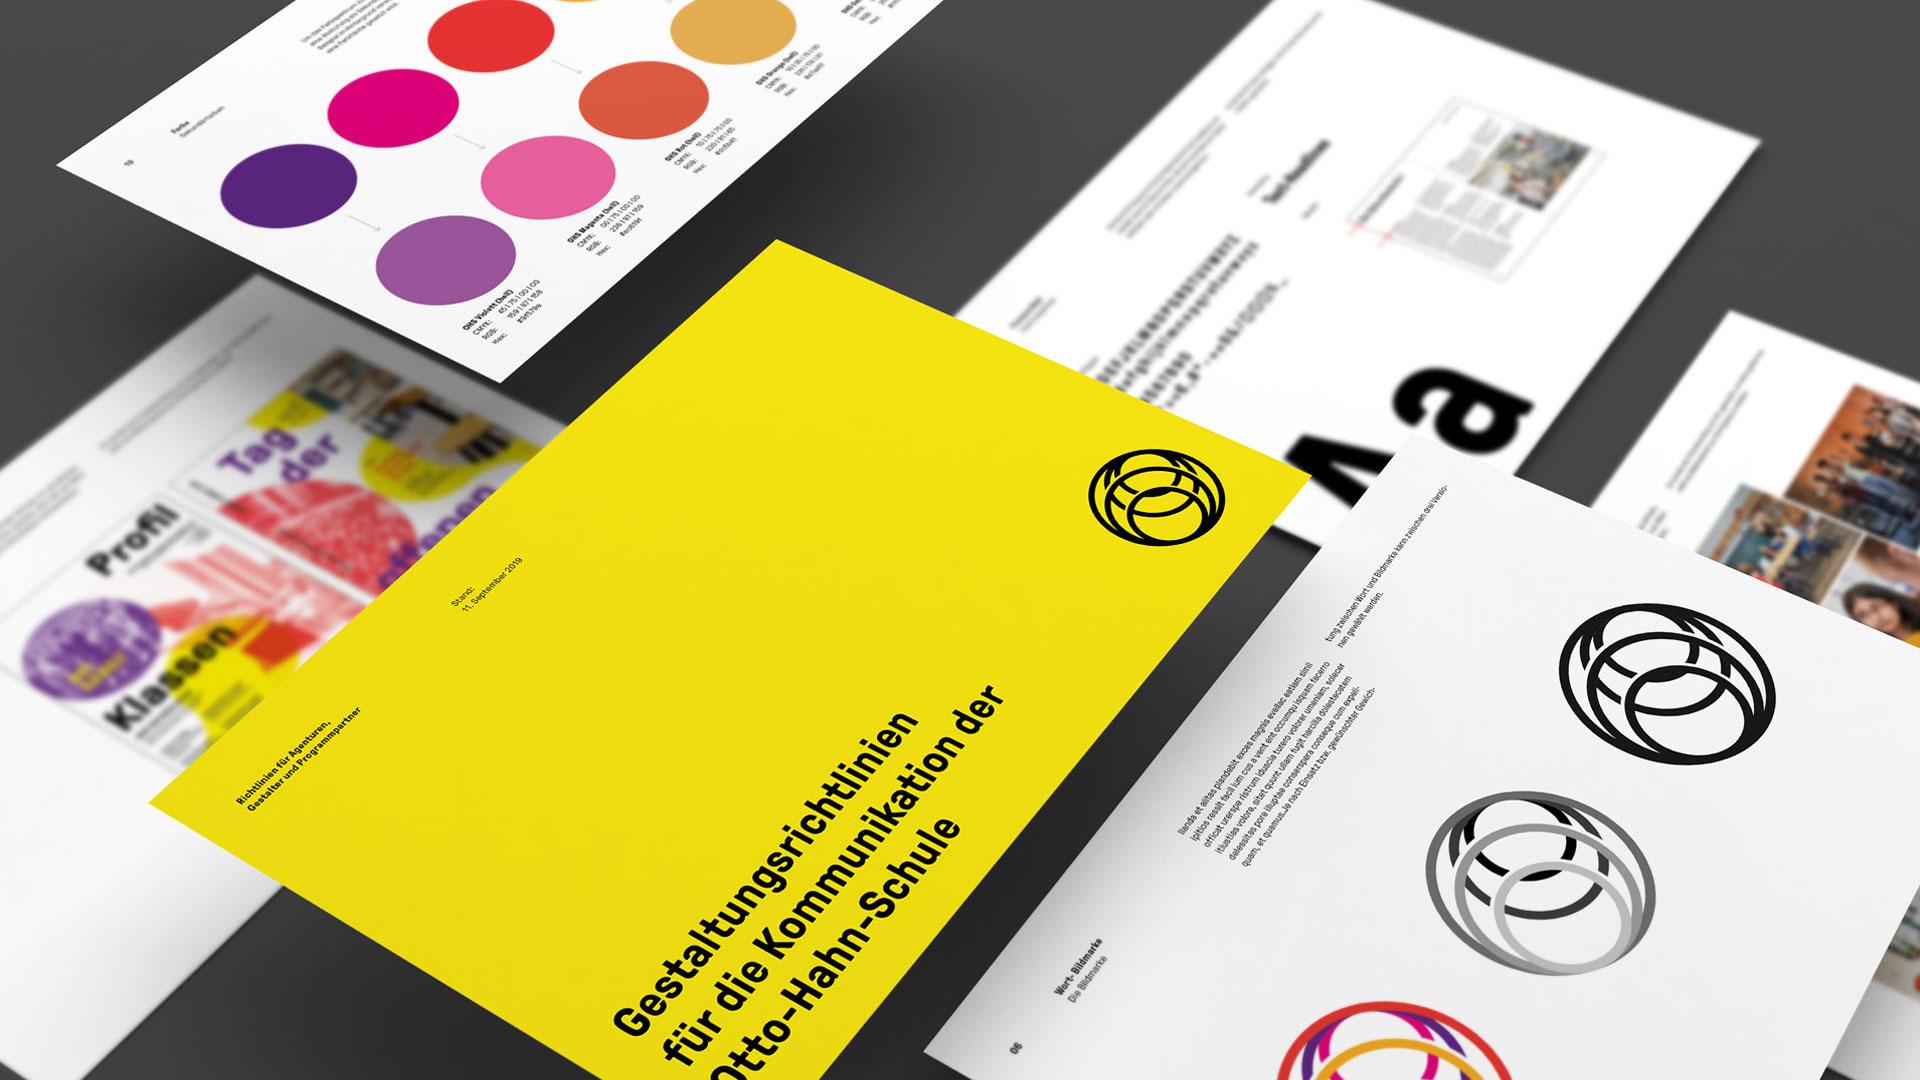 Otto-Hahn-Schule Brand Design Gestaltungselemente